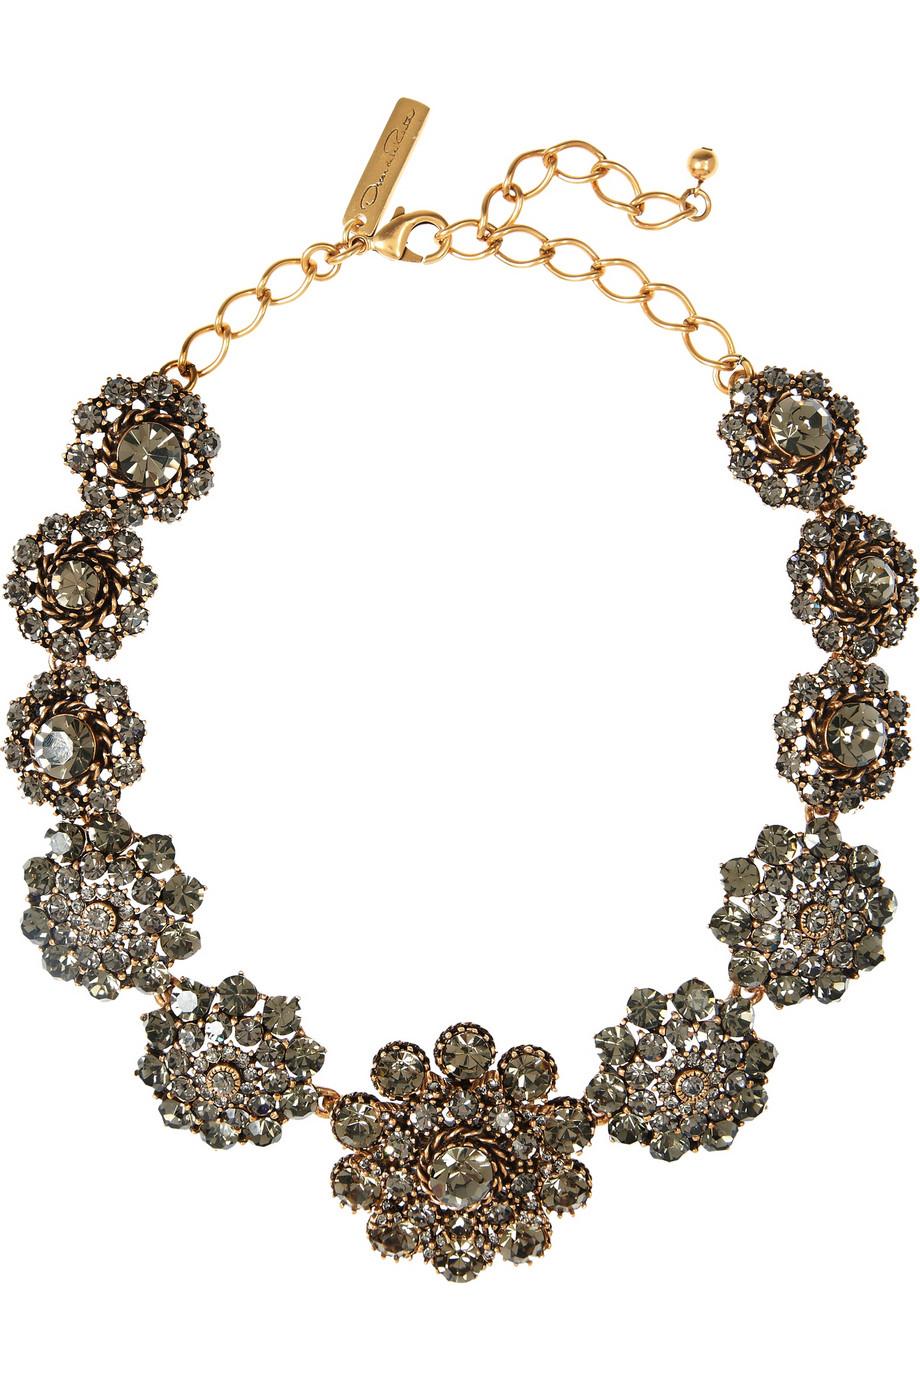 Oscar de la Renta Embellished Floral Necklace in Gold (Metallic)